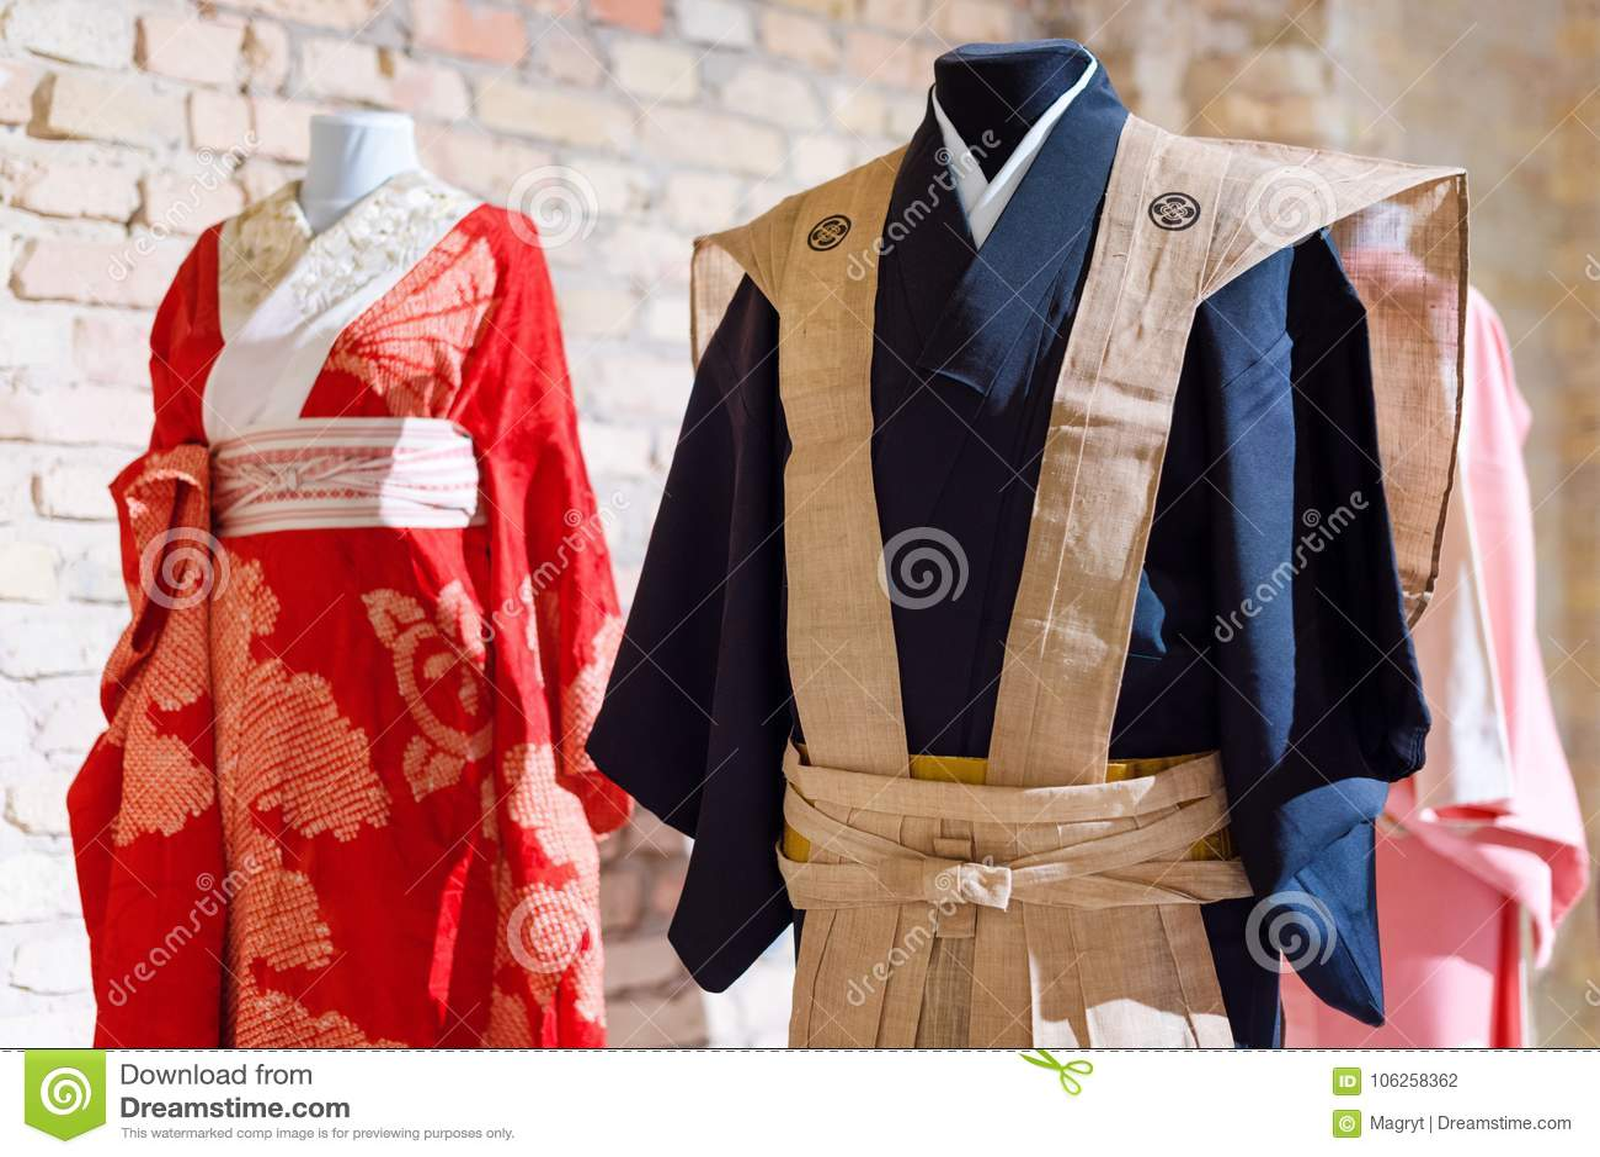 Tradizionale Kimono Vestito Dal Giapponese Samurai Per Costumi Del L qzjSVpLUMG